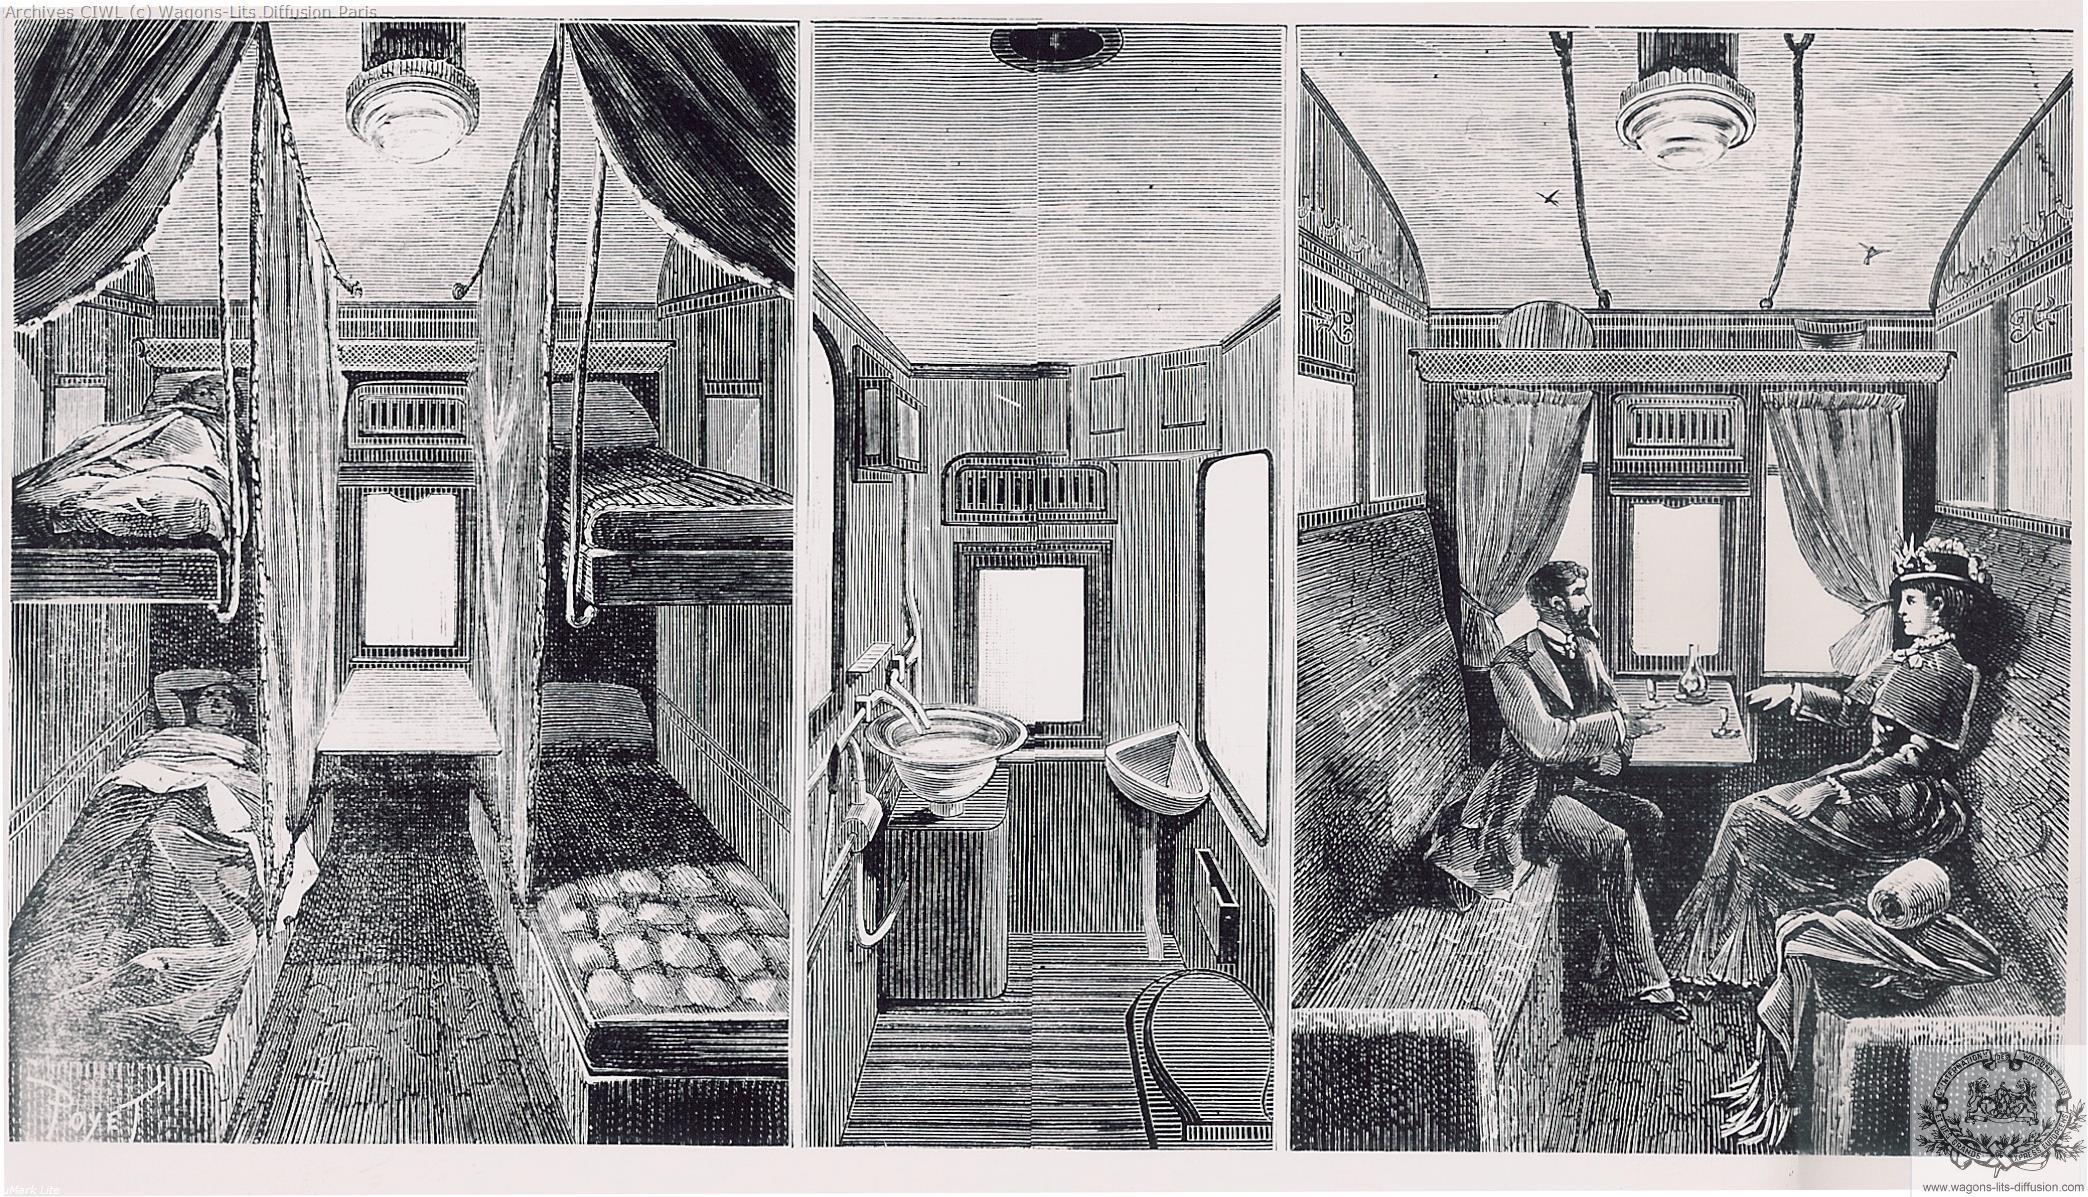 Wl interieur 3 plans 1890